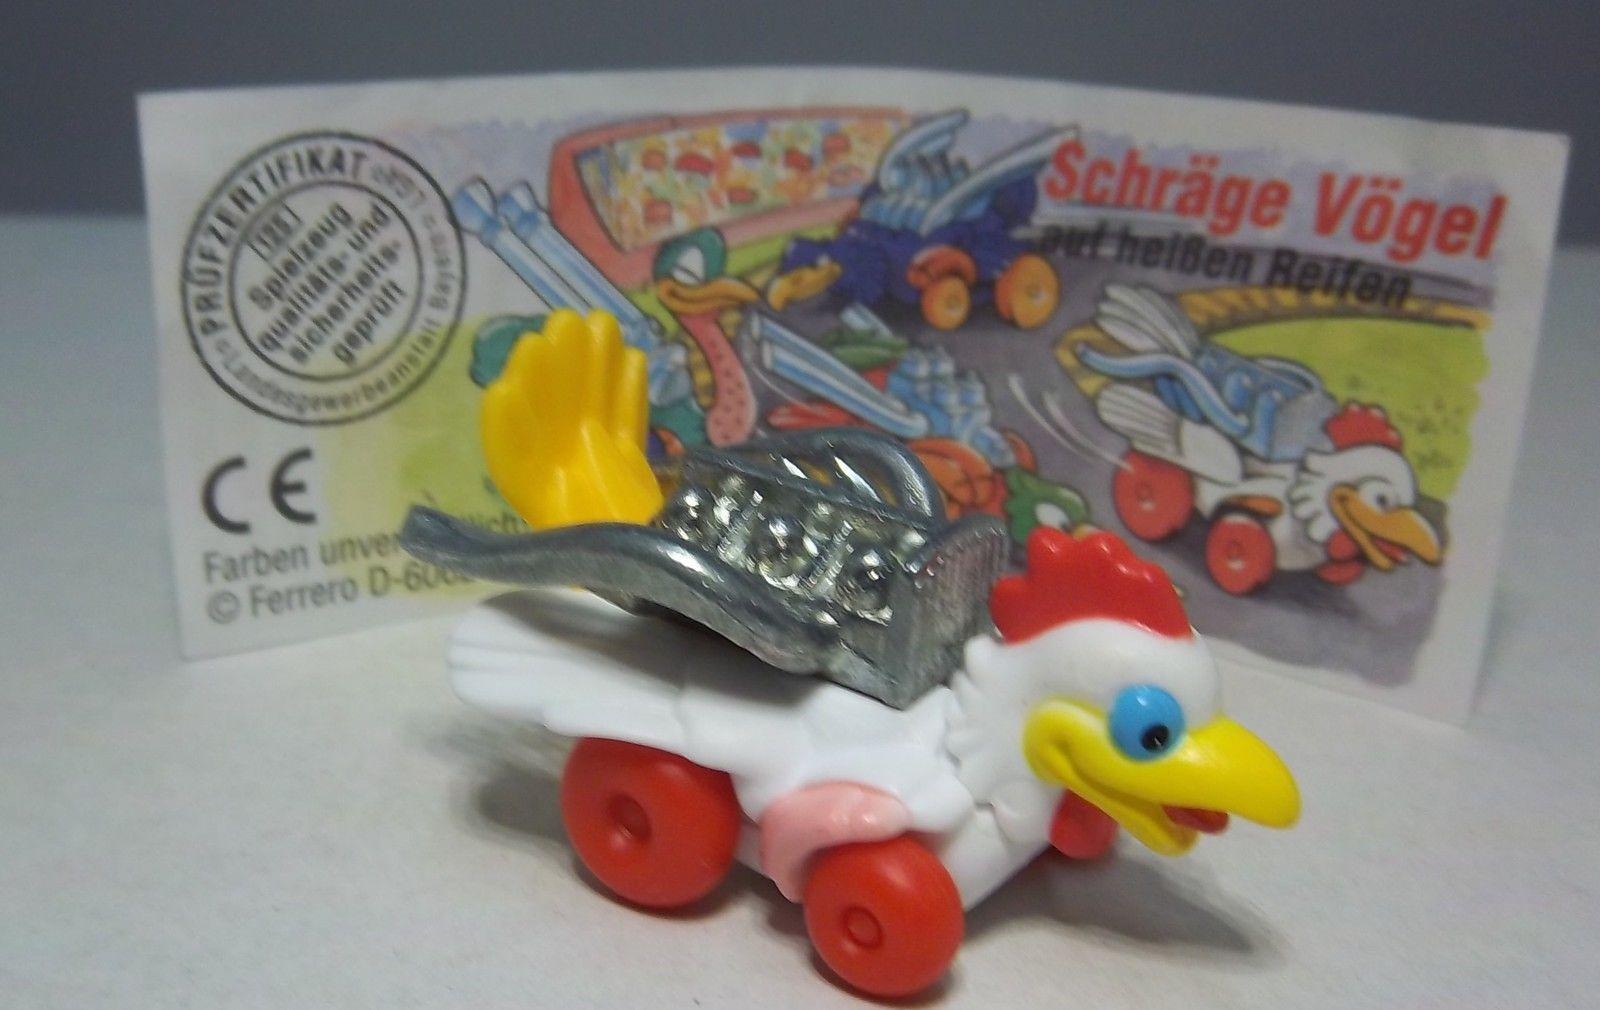 Ü EI Autos Schräge Vögel auf Heißen Eisen Komplettsatz BPZ Zum Wählen | eBay